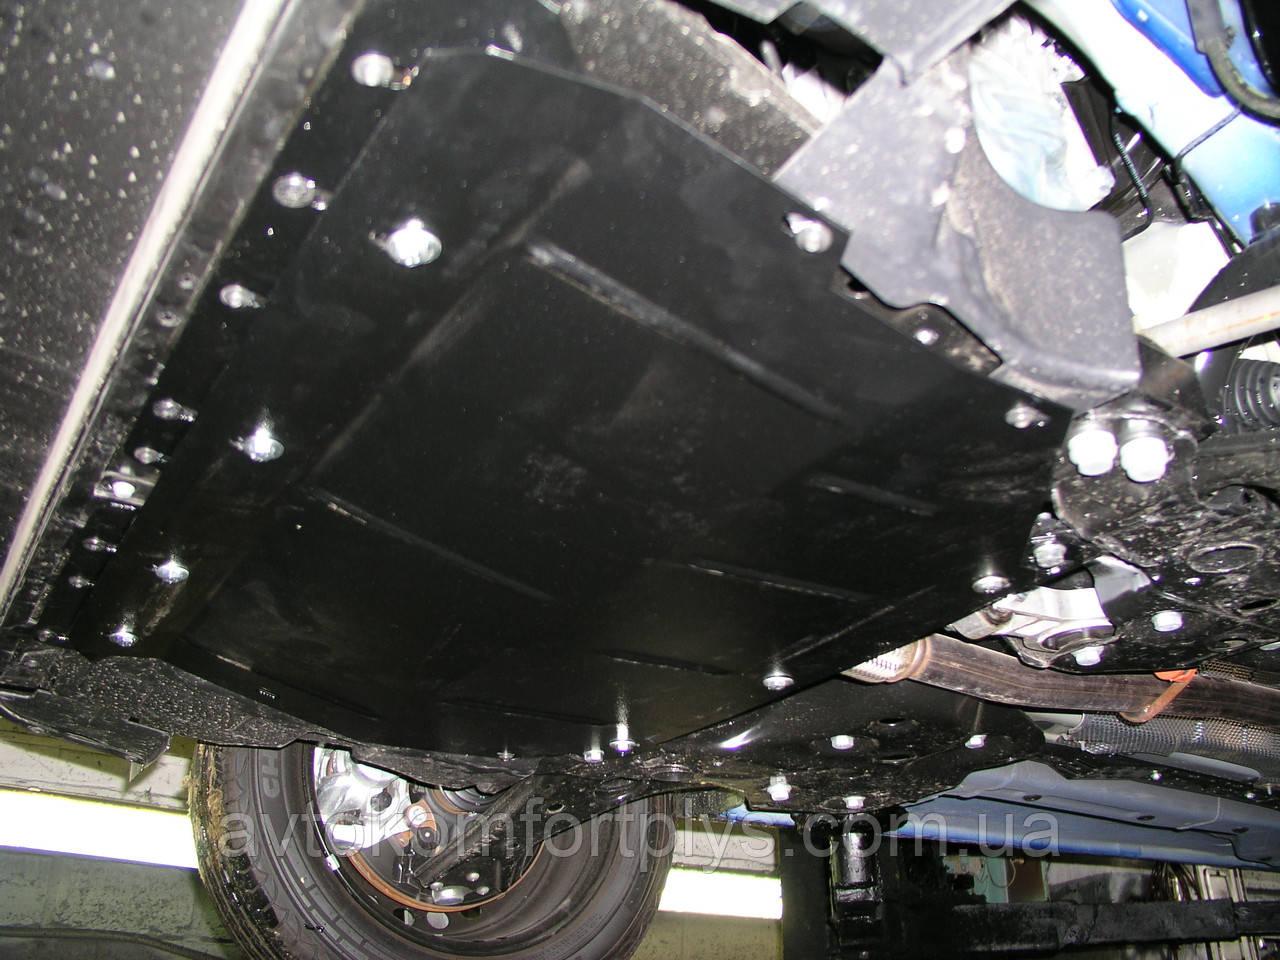 Металлическая (стальная) защита двигателя (картера) Fiat Doblo II поколение (2010-) (все обьемы)